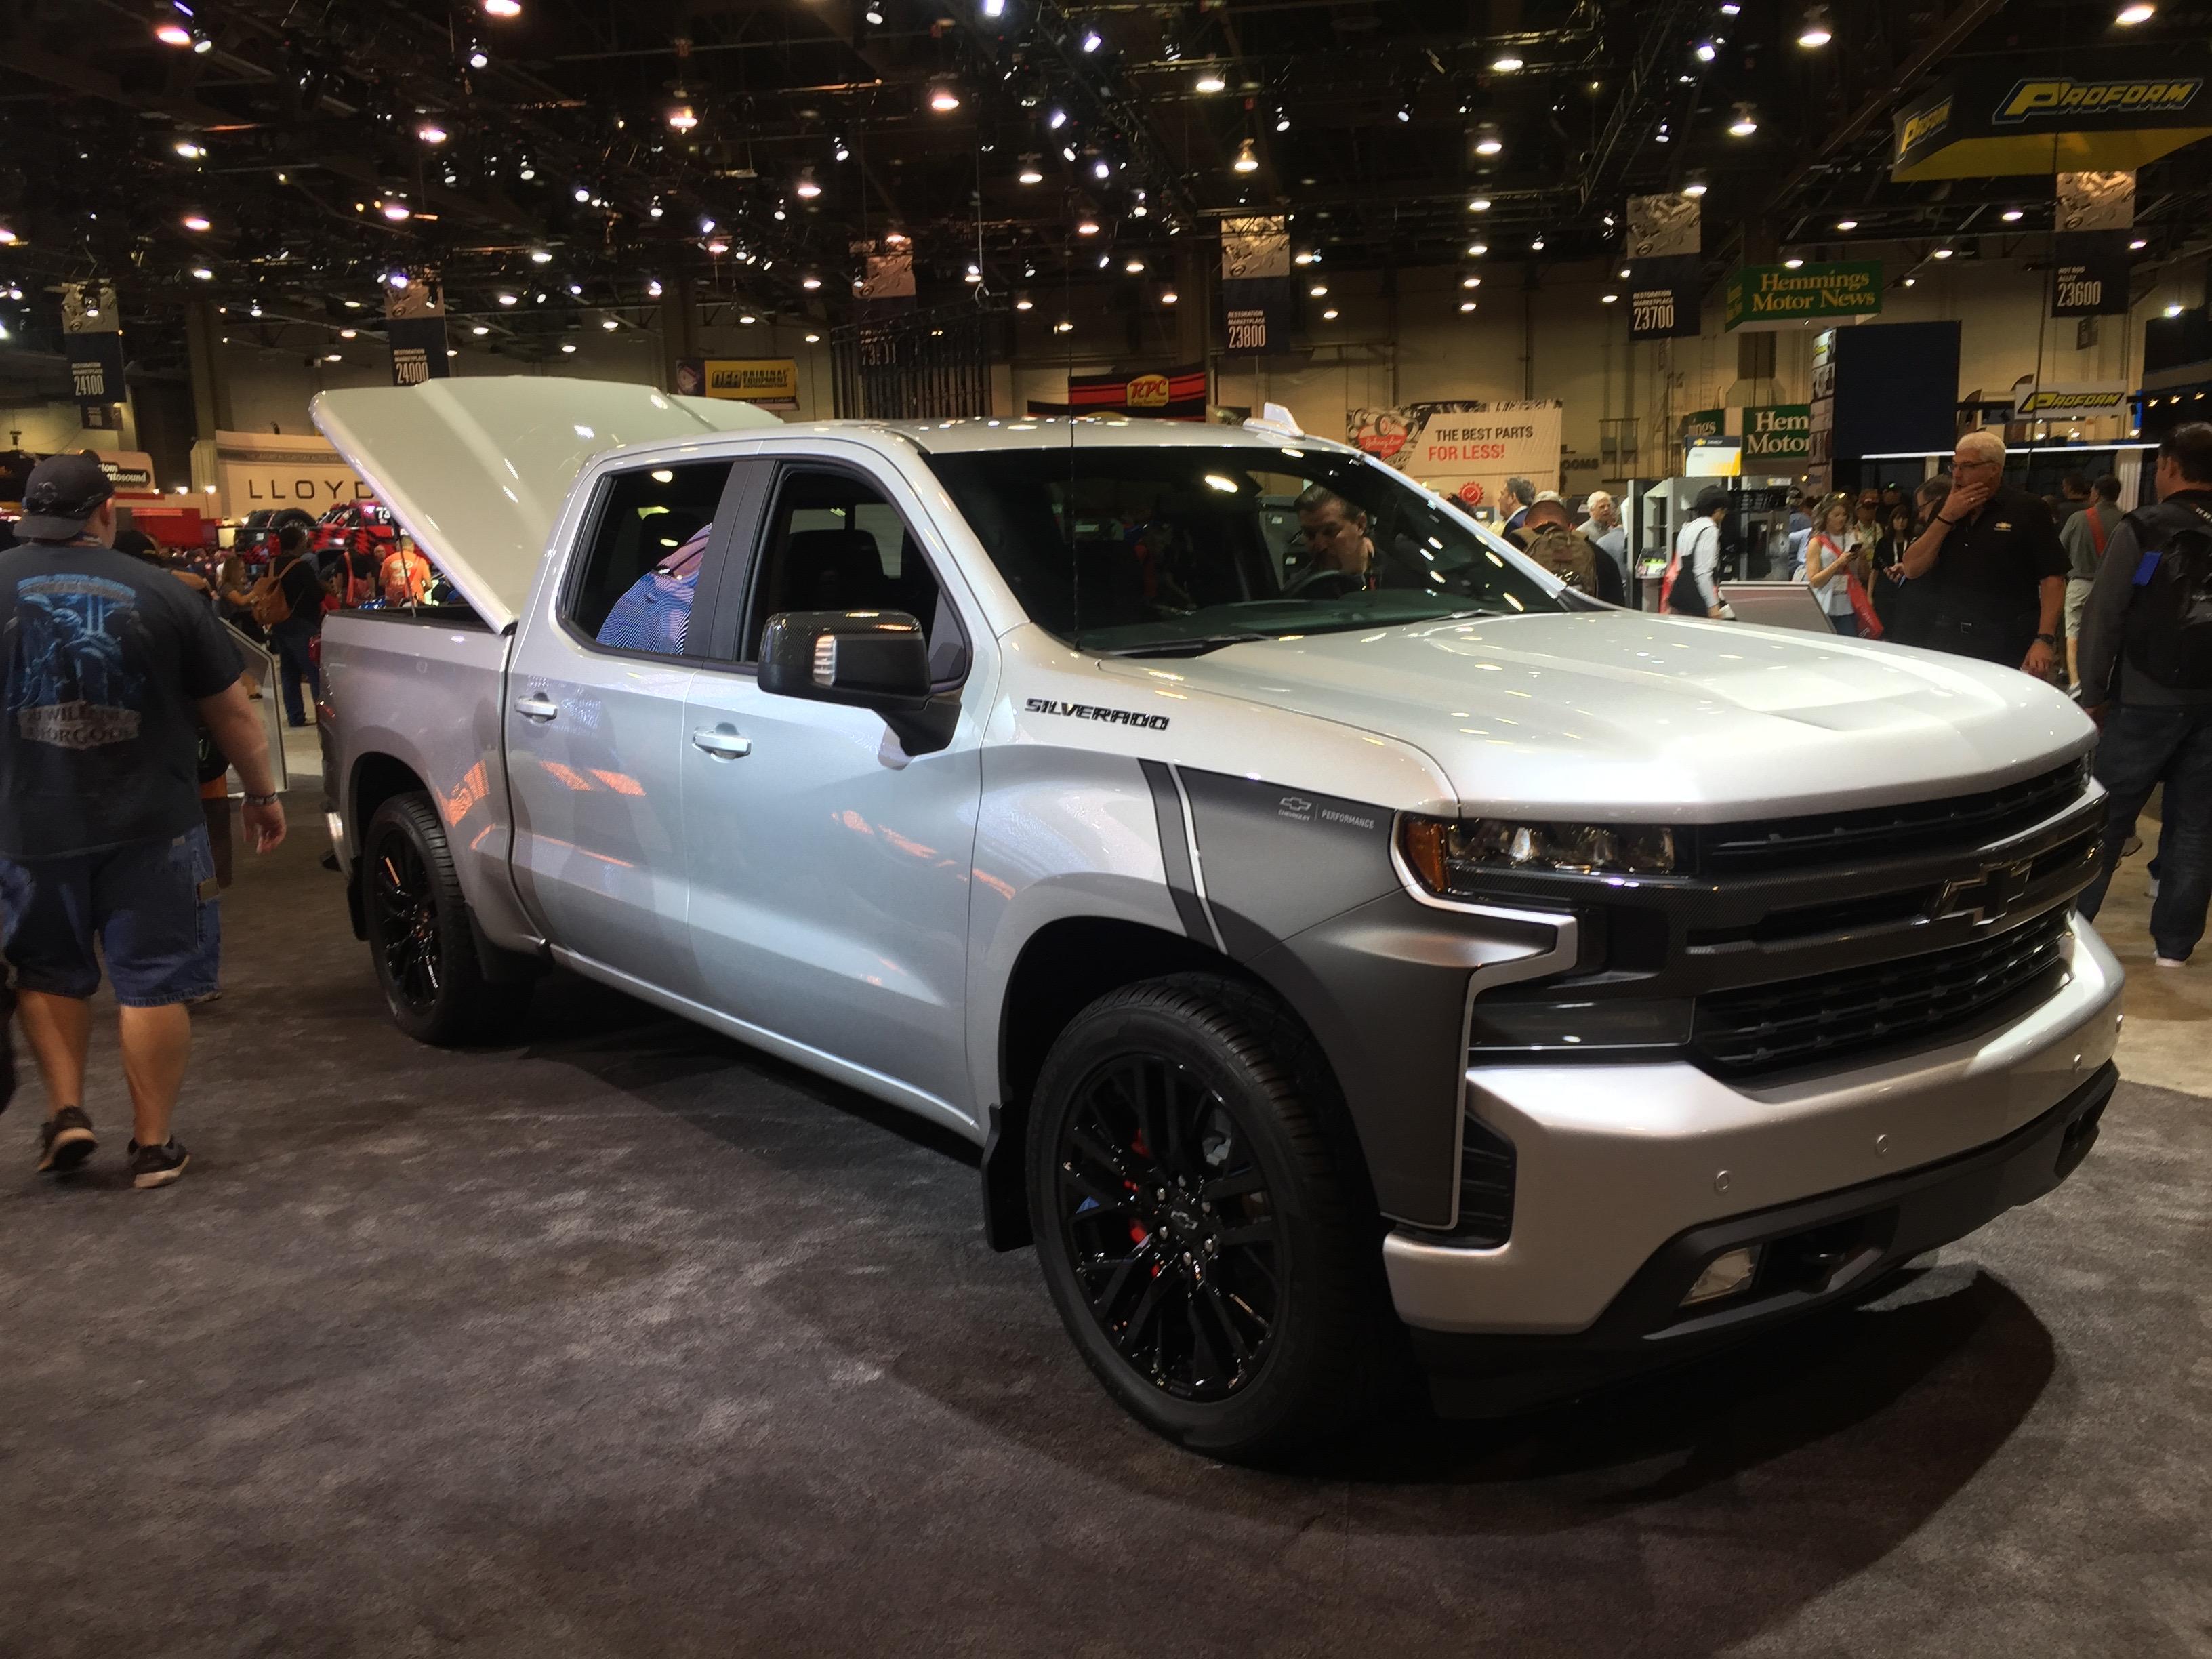 2019 Chevy Silverado Rst Concept Medium Duty Work Truck Info